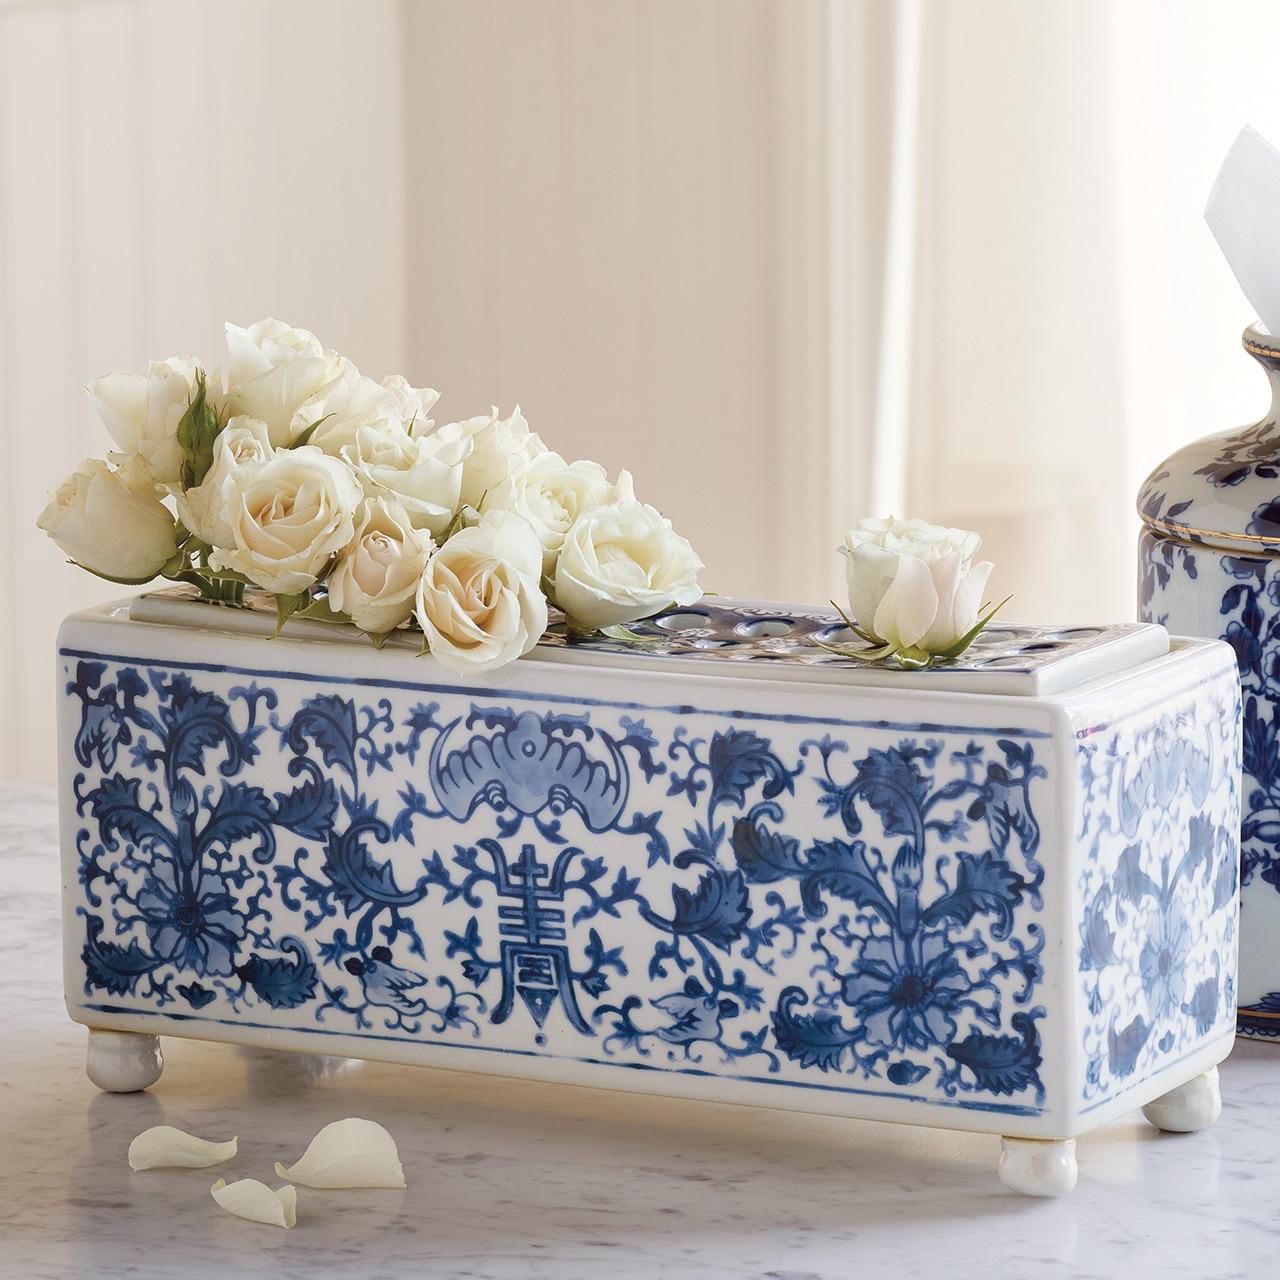 Long-Life Porcelain Flower Arranger Vase